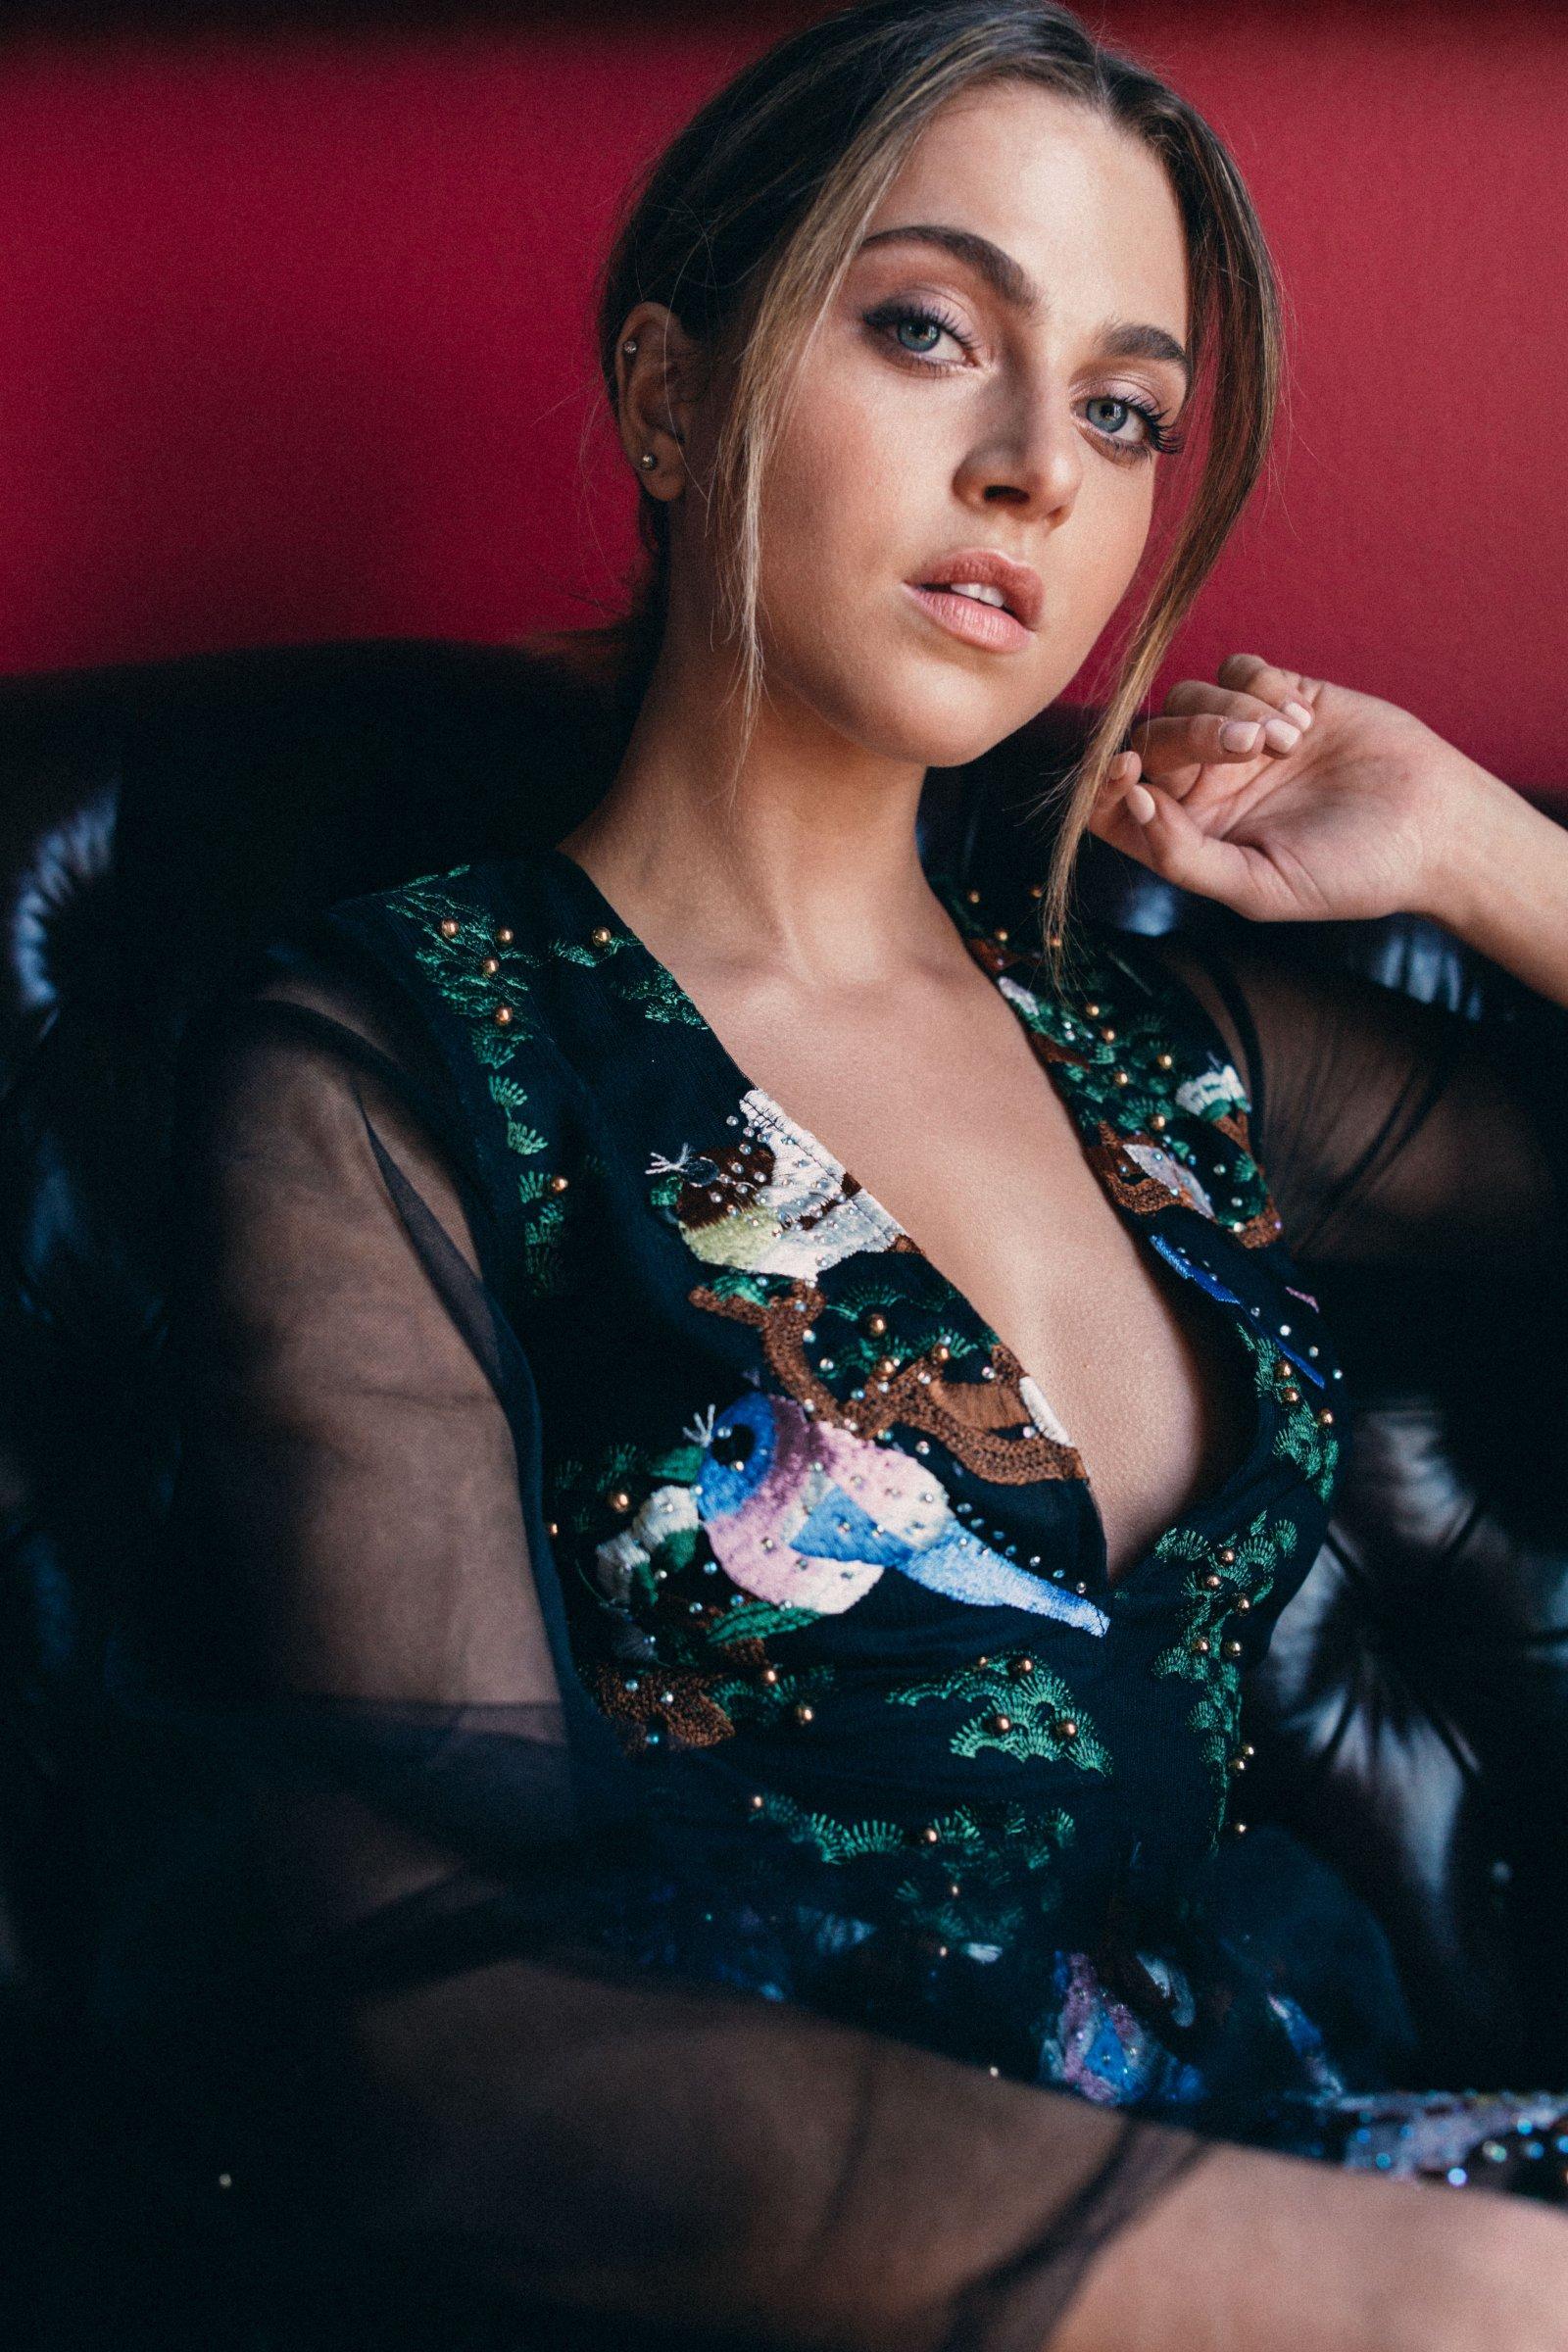 Victoria Azarenka Boobs  Hot Girl Hd Wallpaper-8630